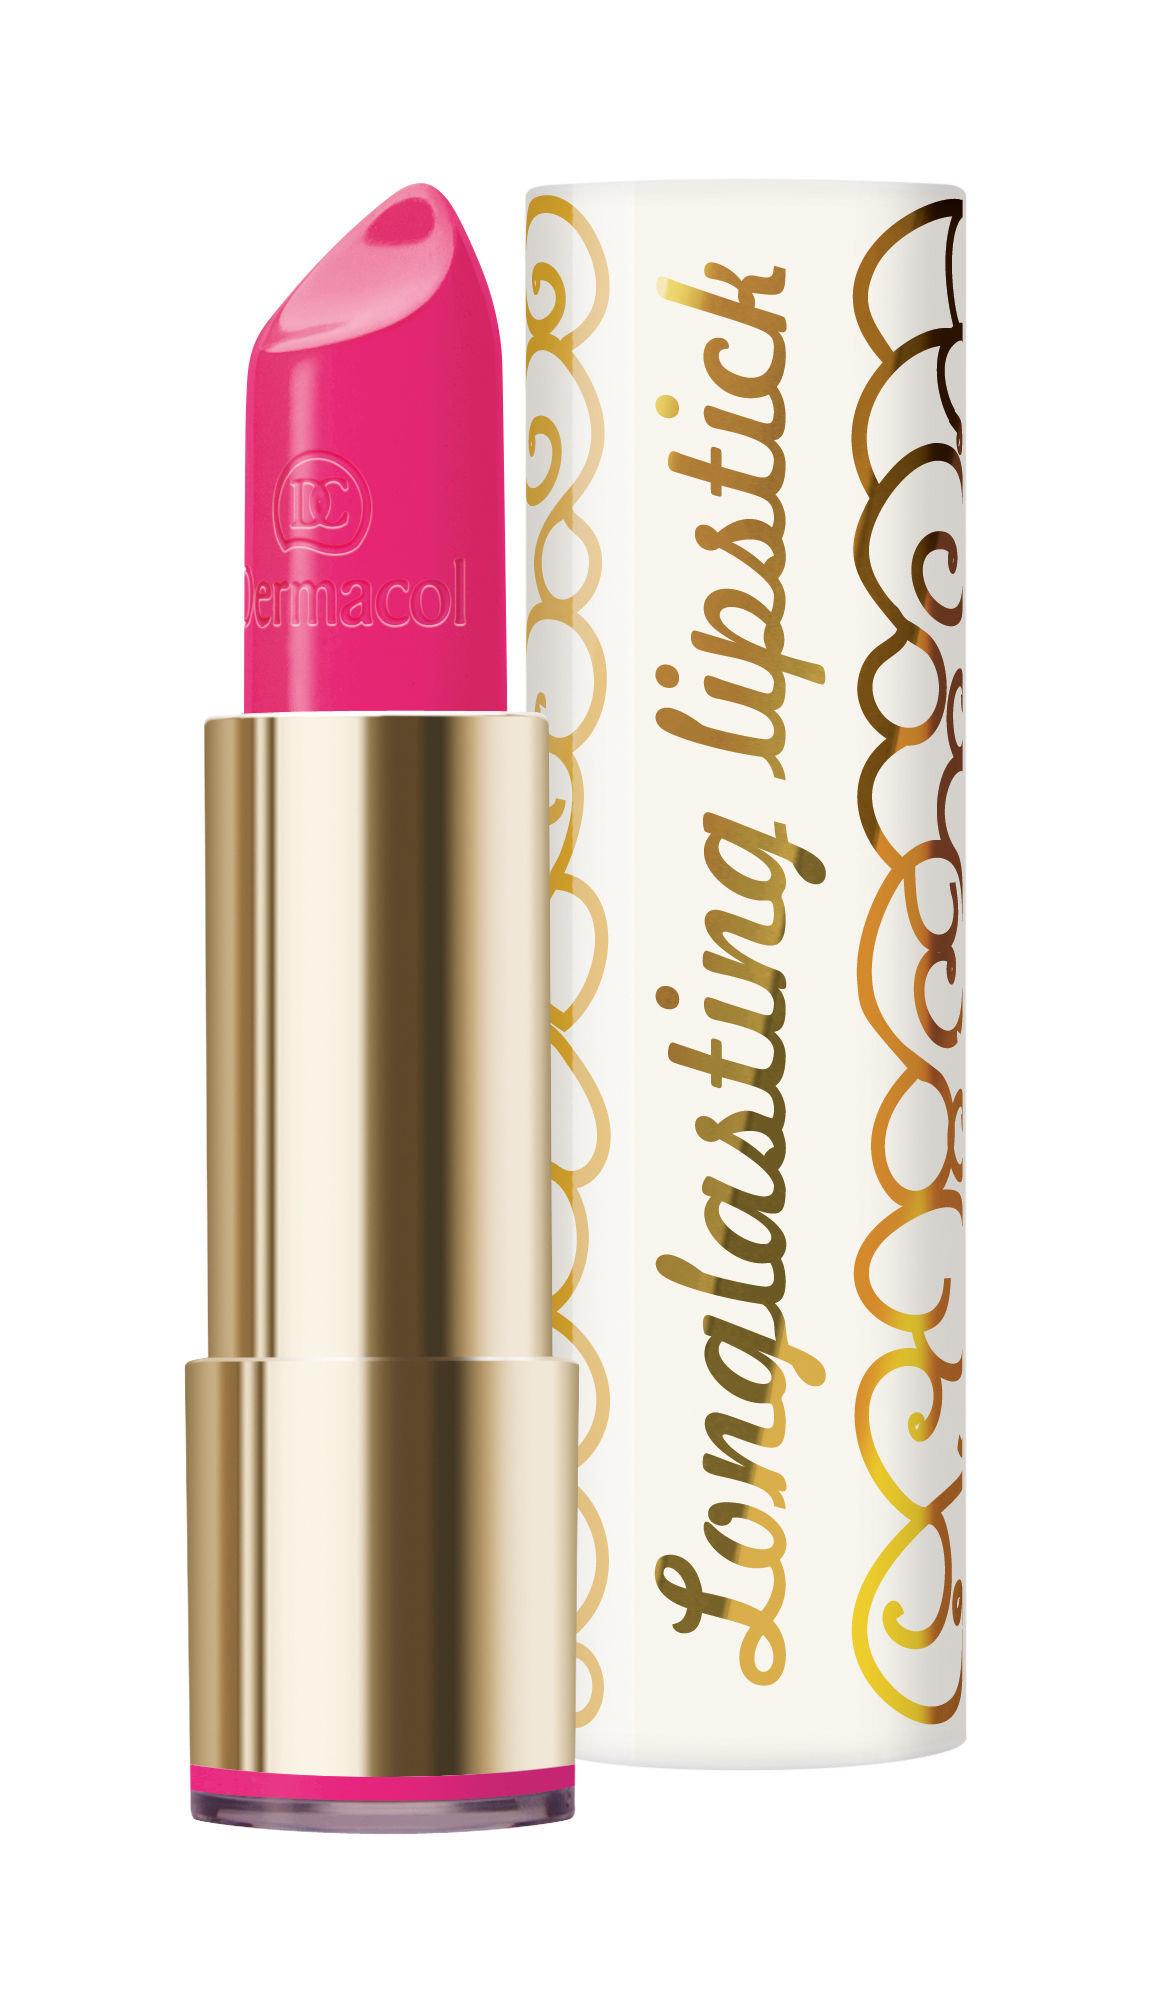 Dermacol Longlasting Cosmetic 4,8ml 03